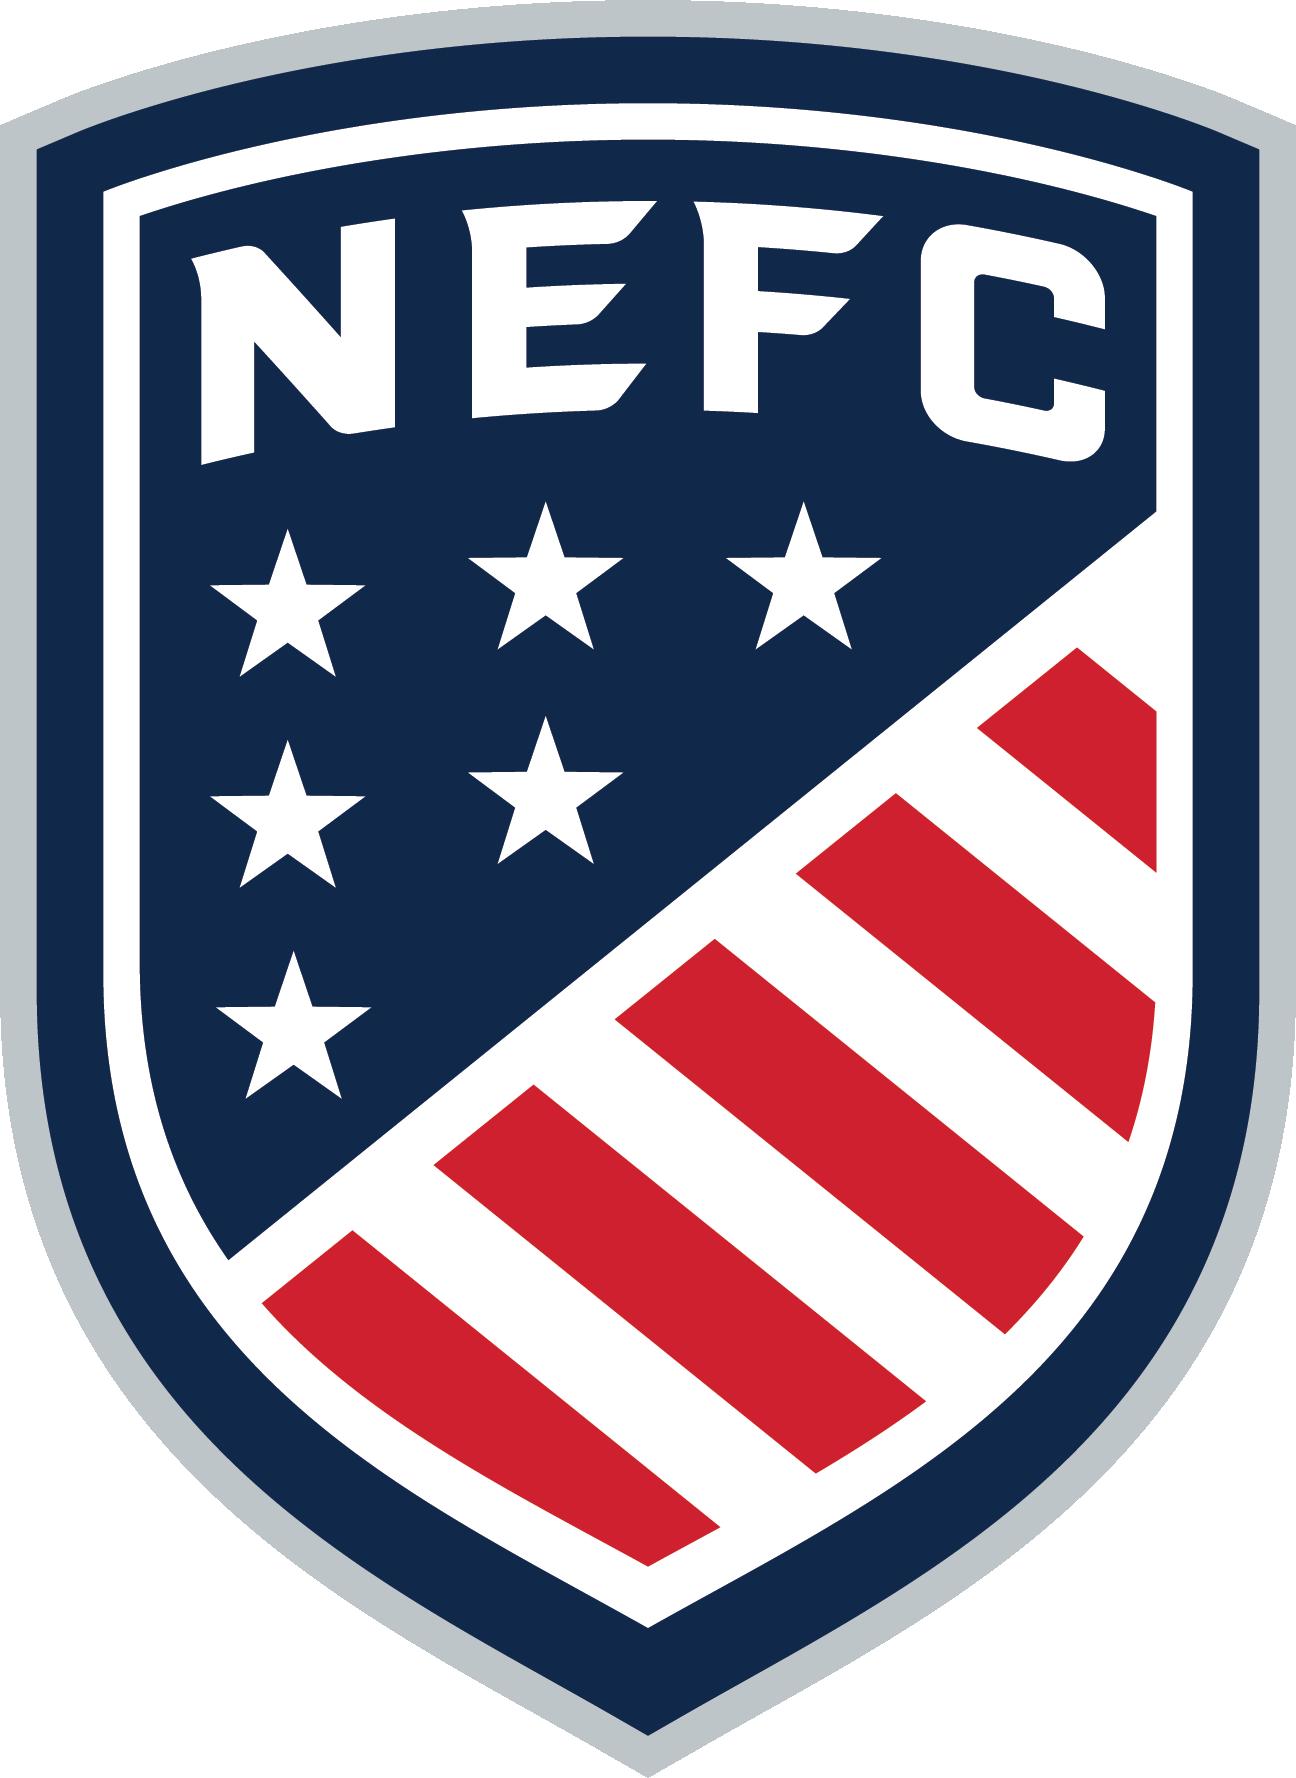 NEFC_Crest_FINAL